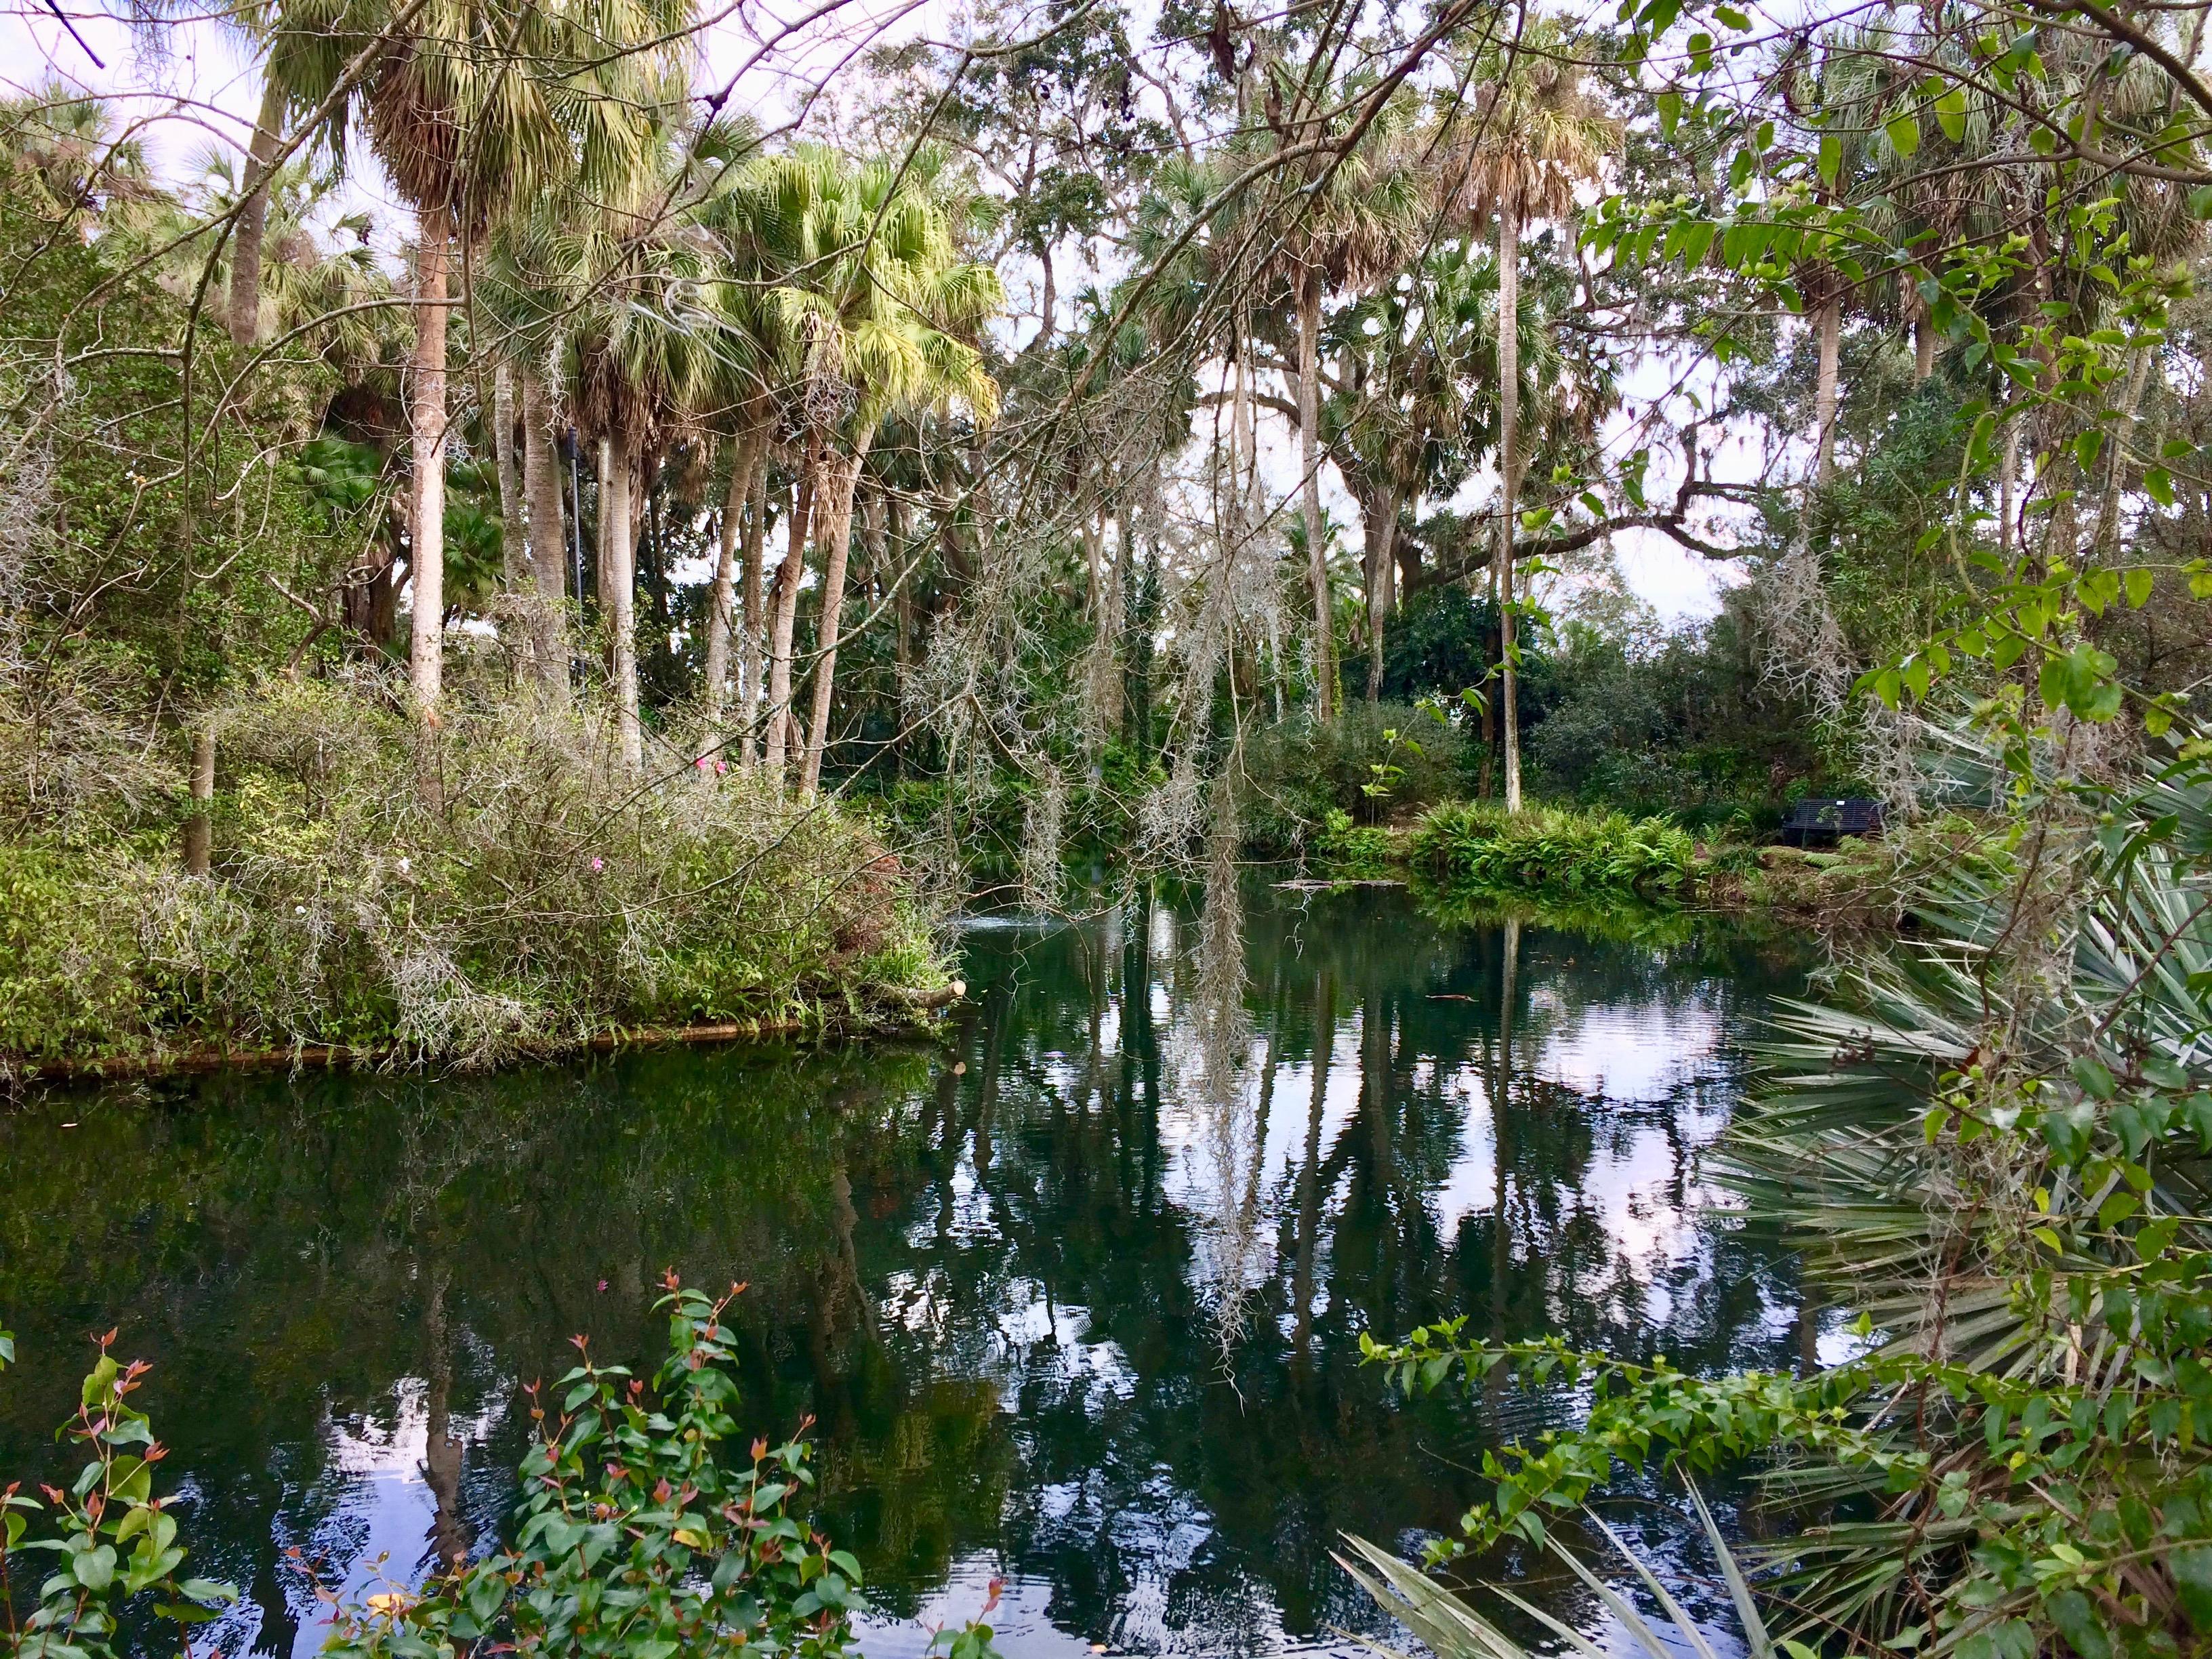 Wetlands area of Bok Tower Gardens